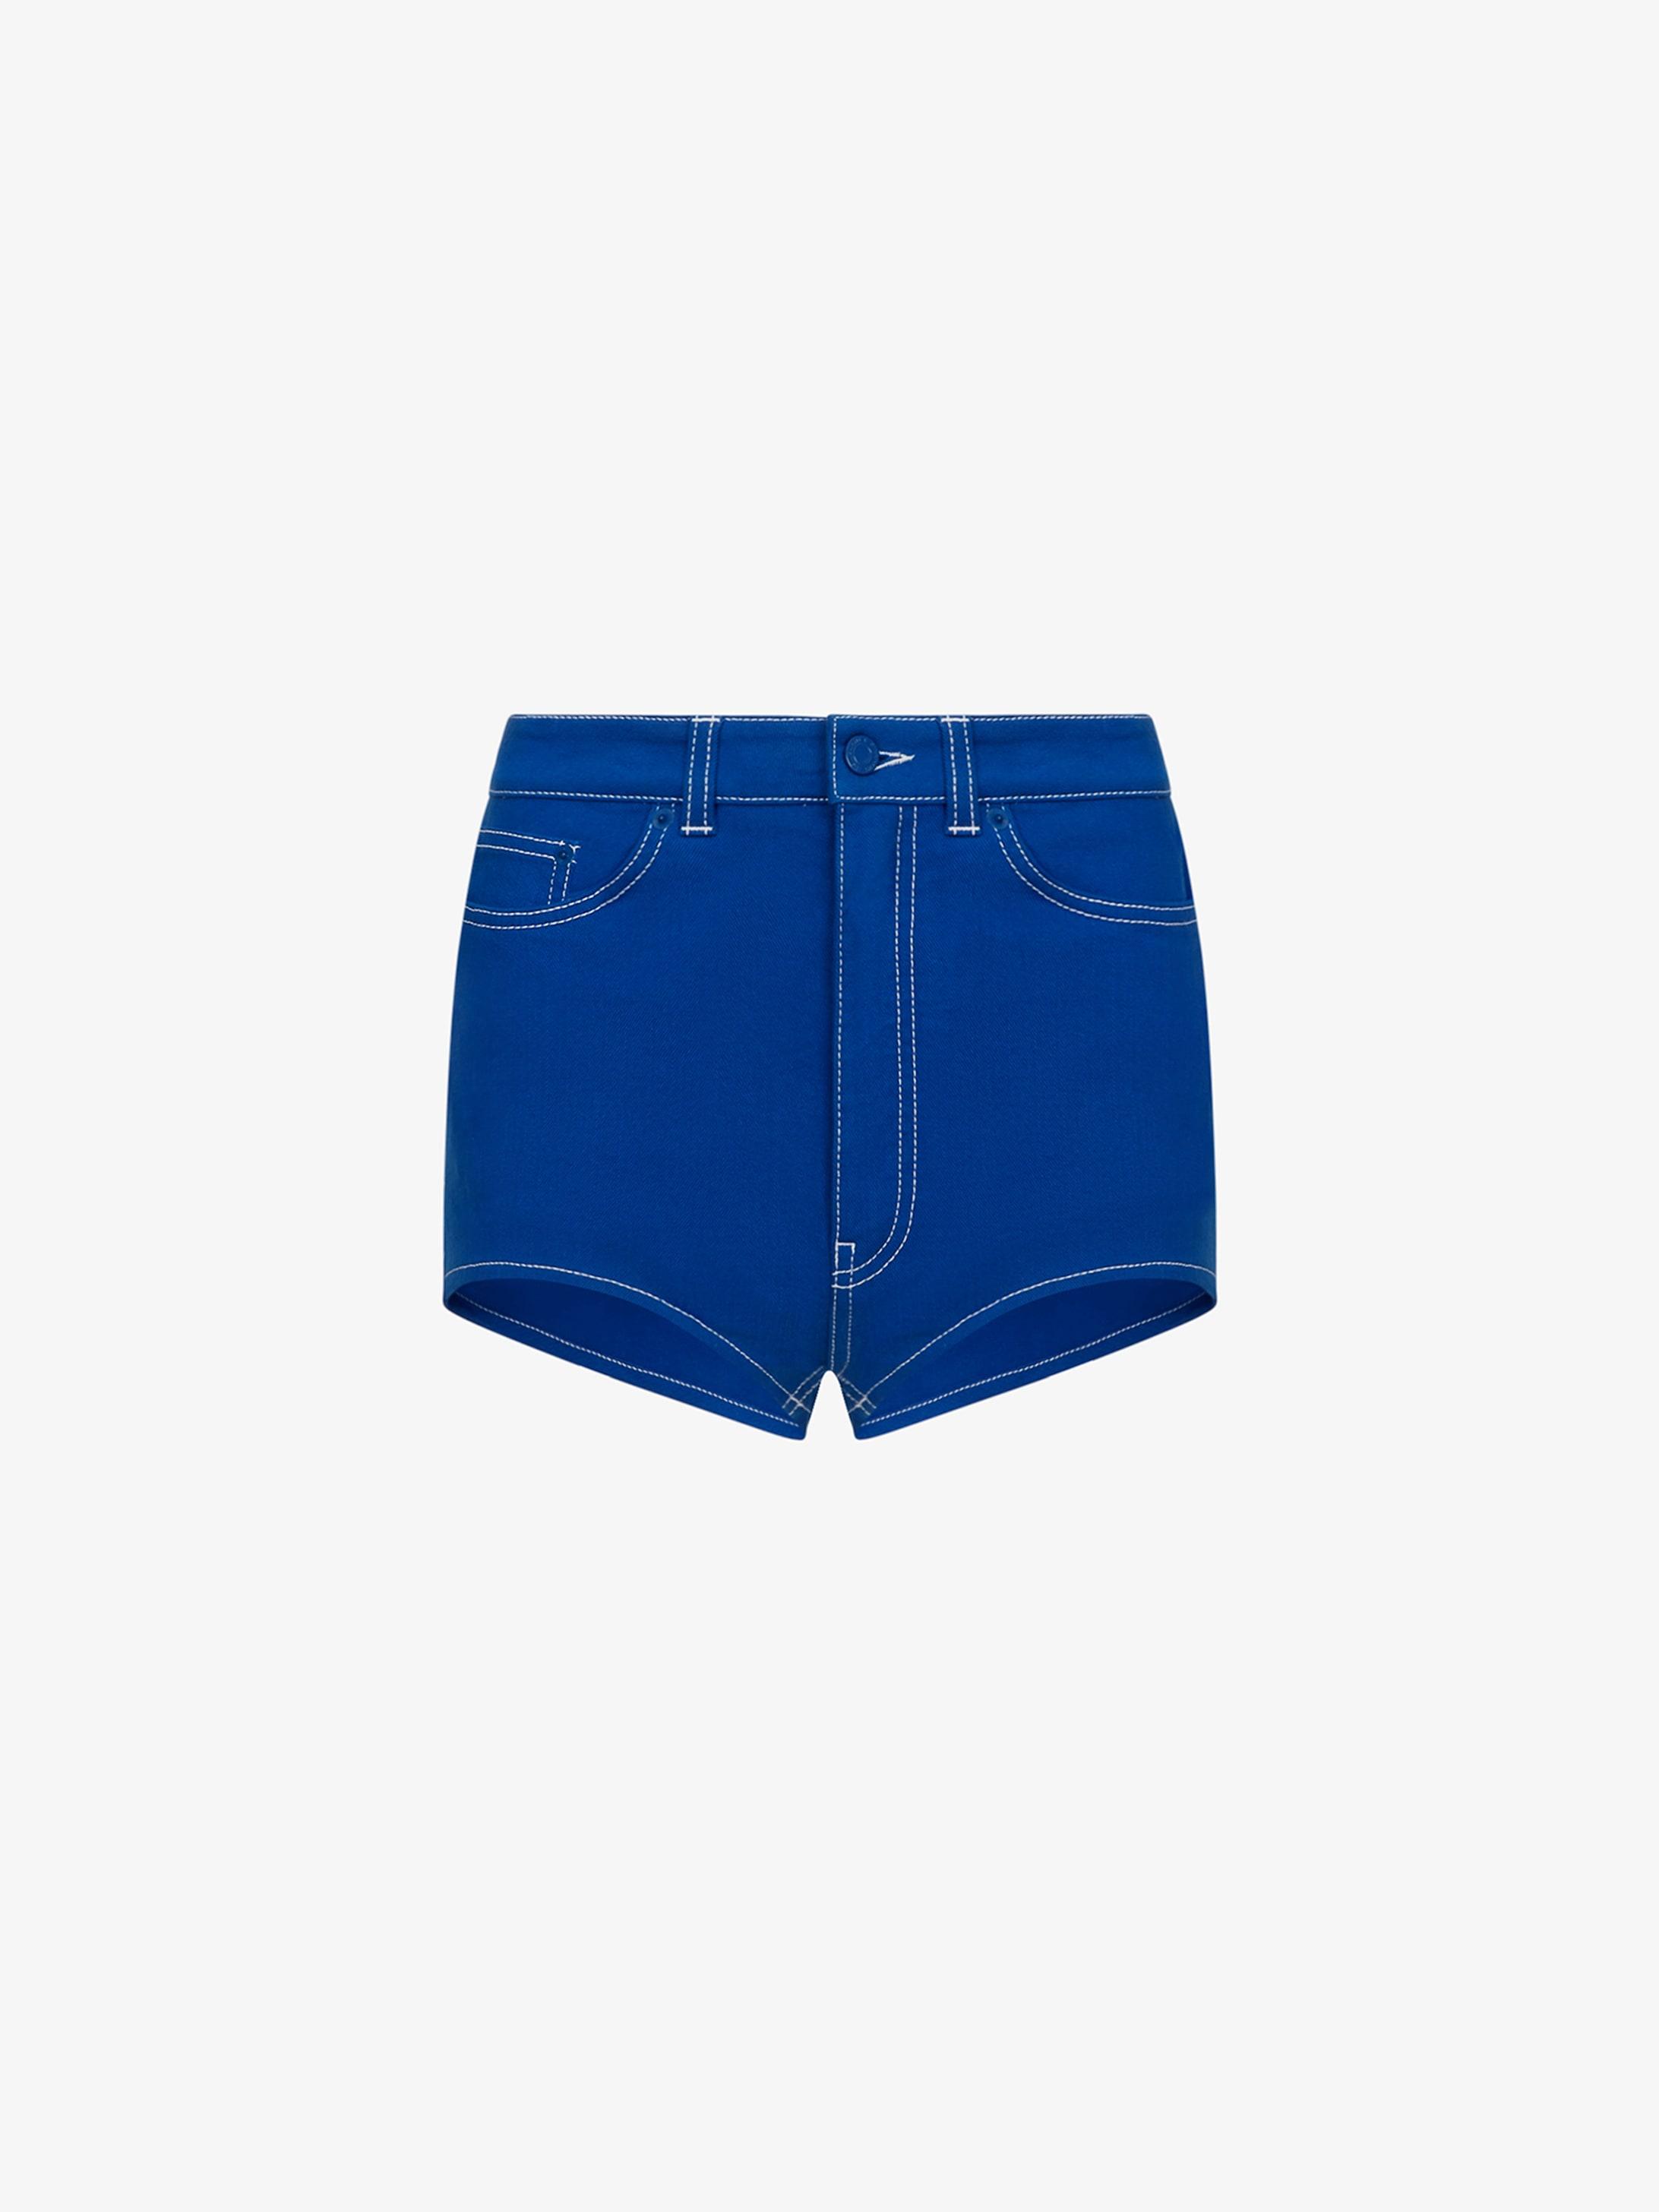 GIVENCHY PARIS denim short pants